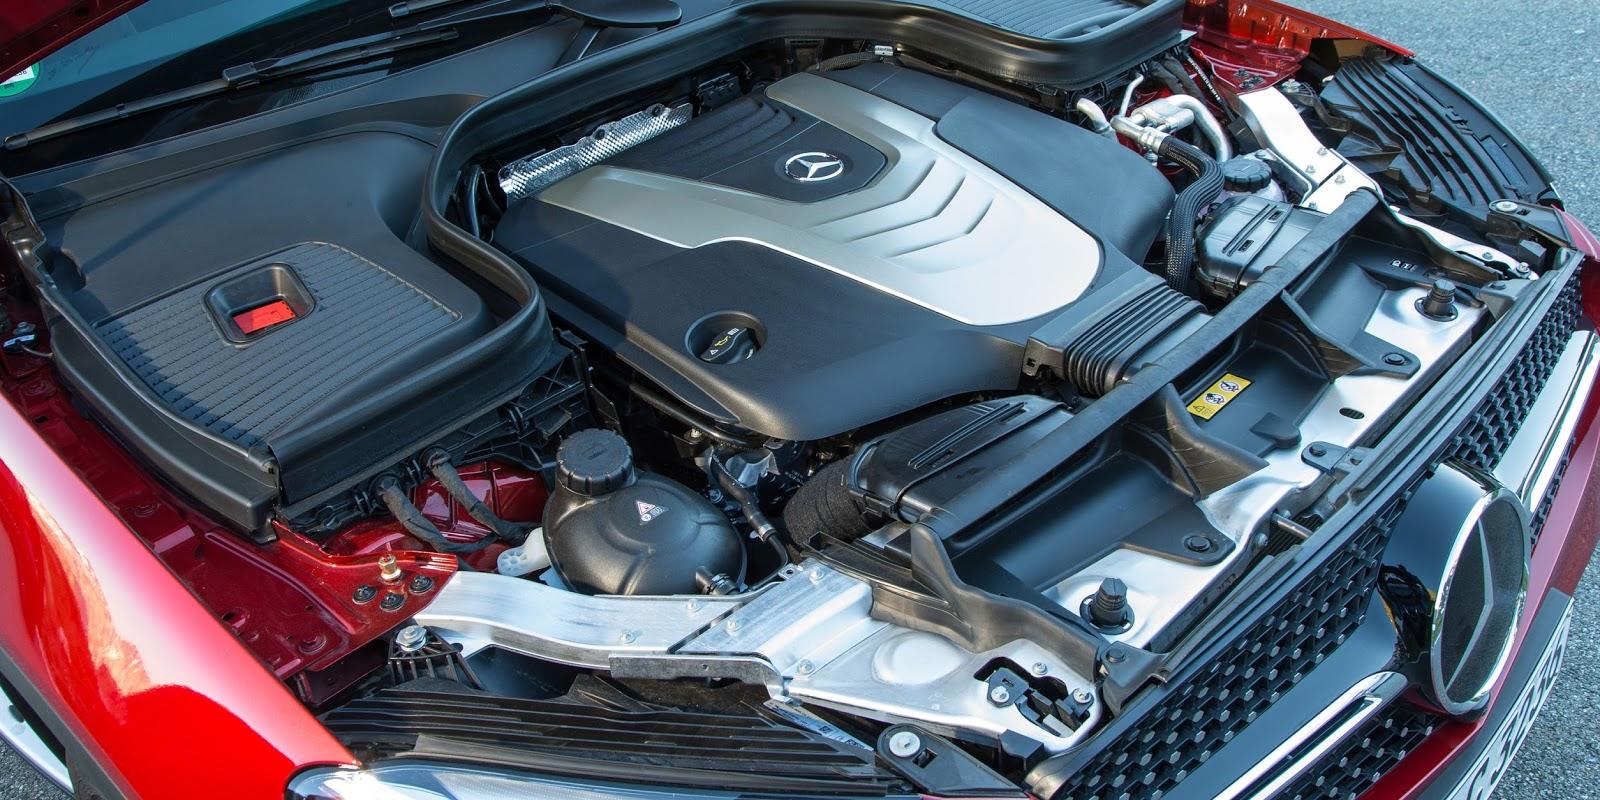 GLC Coupe sẽ có nhiều phiên bản chạy xăng, dầu, điện đa dạng